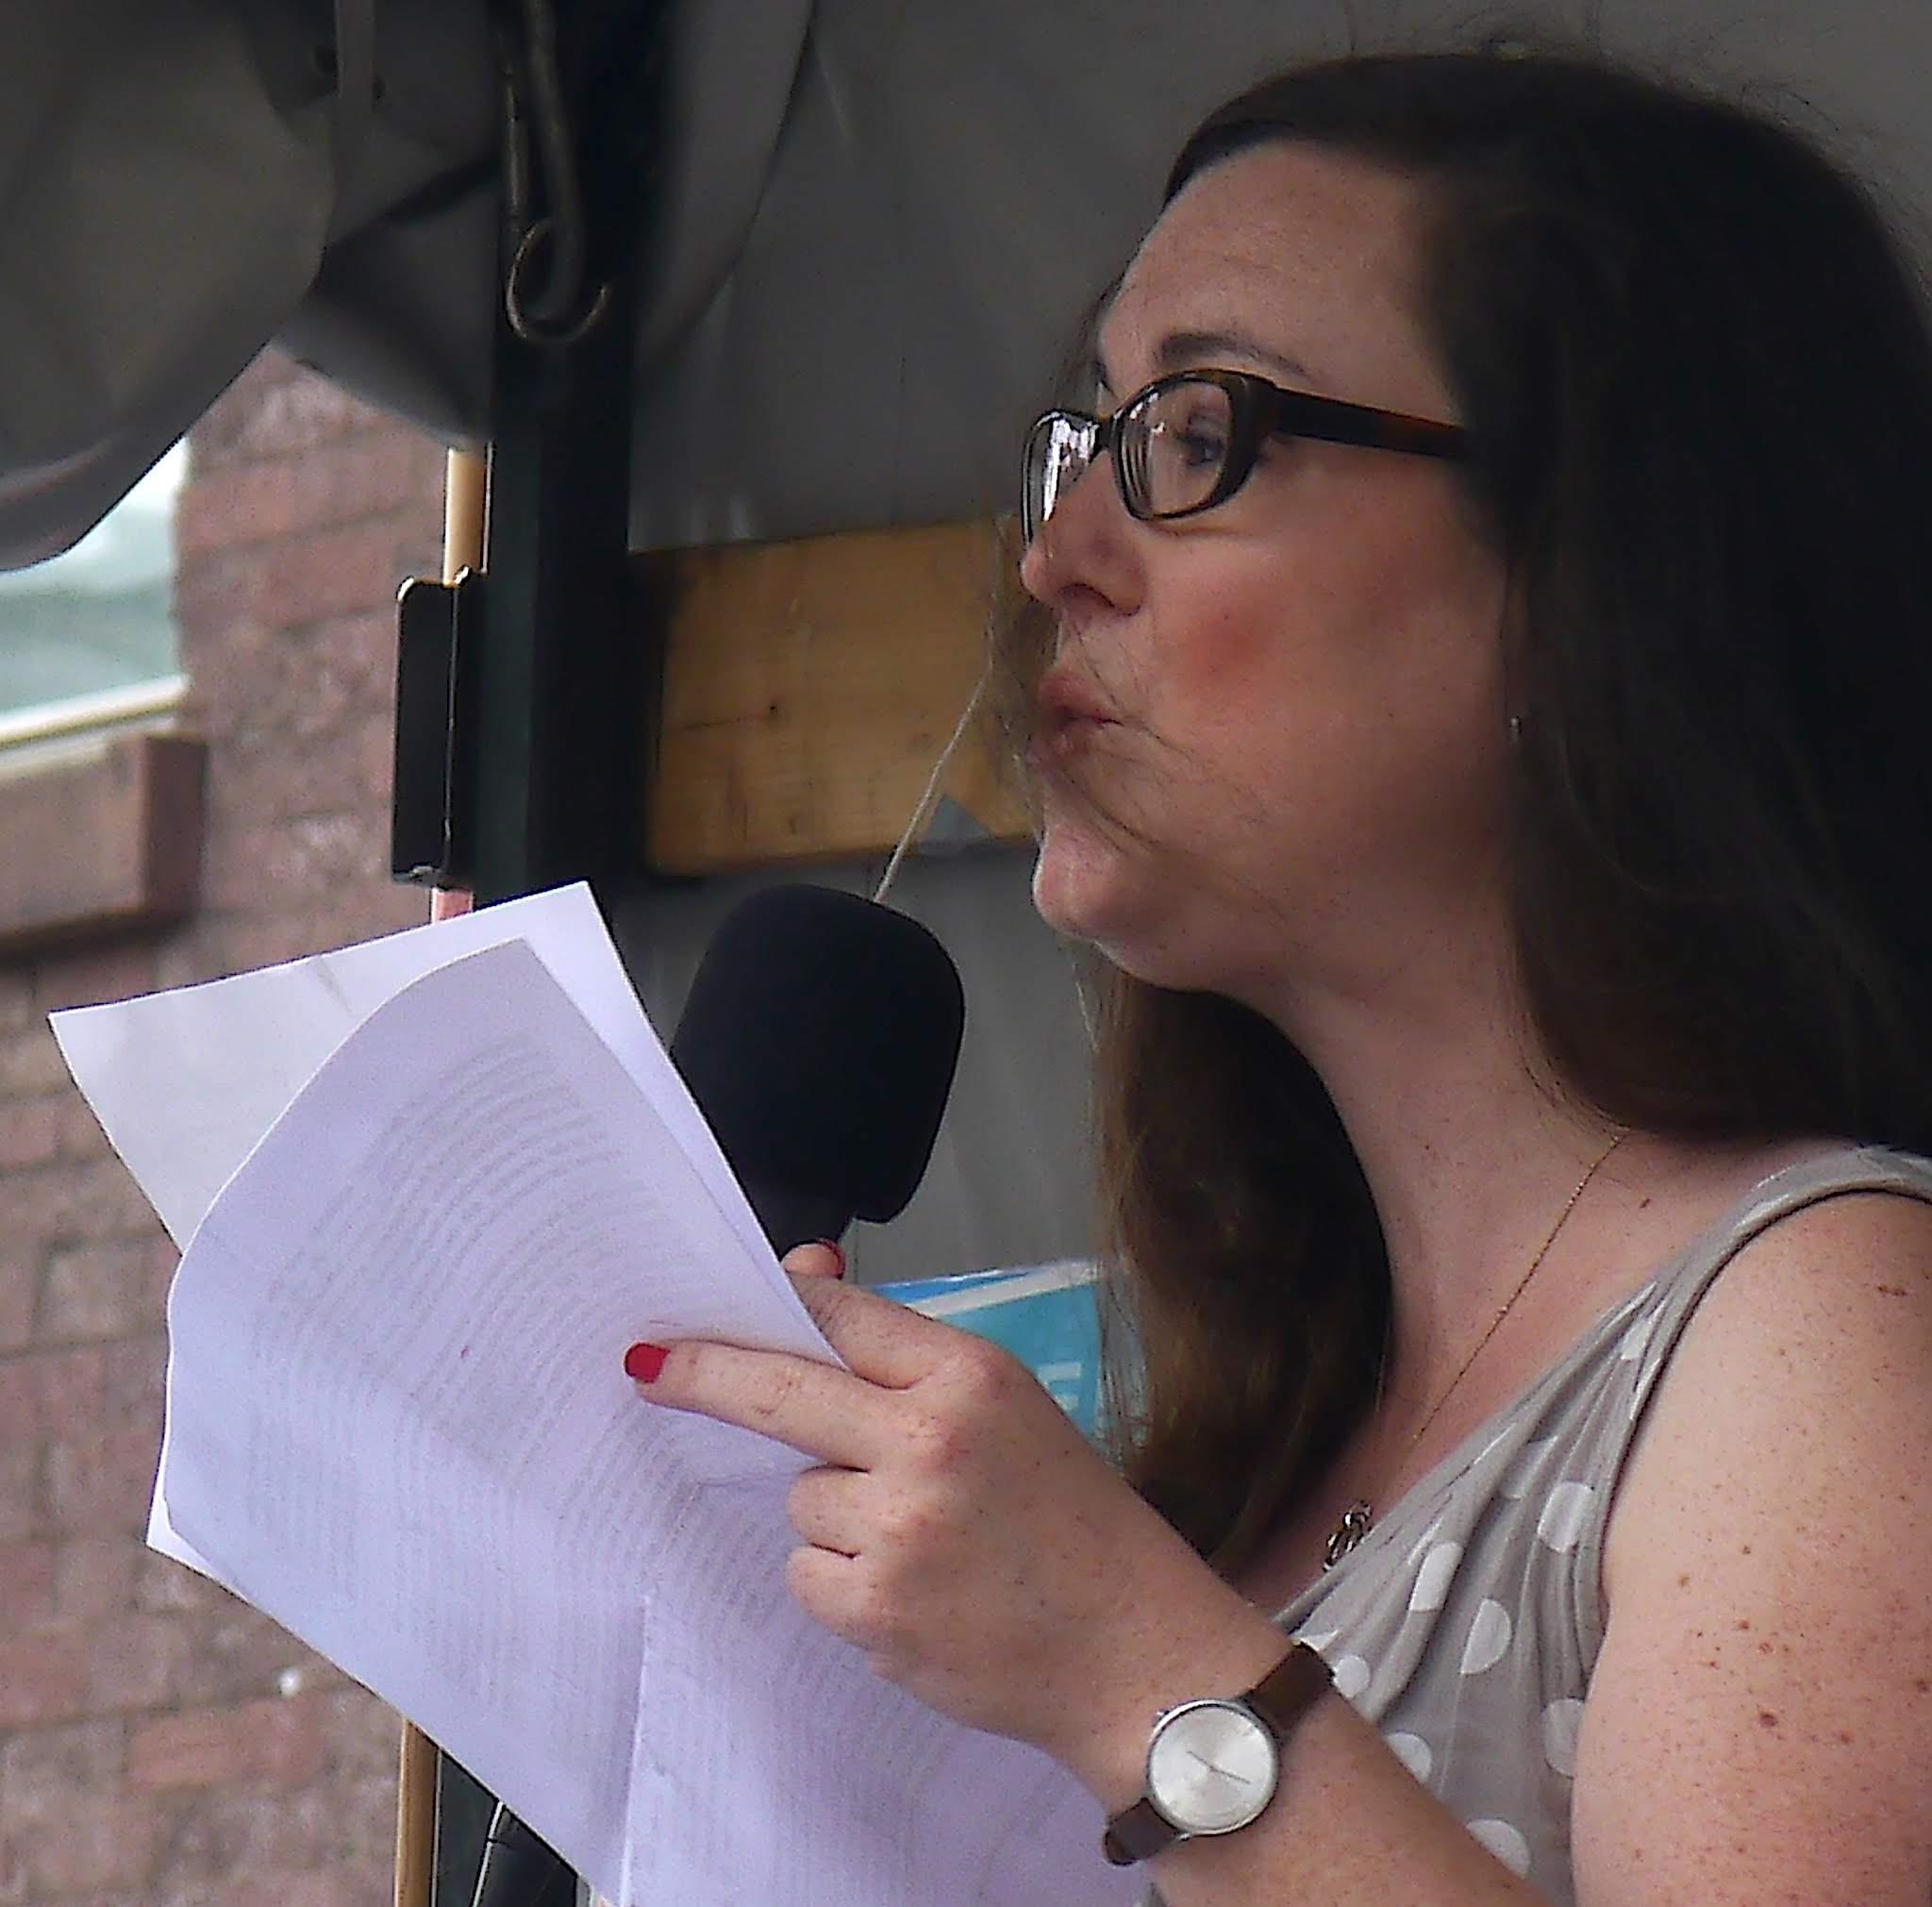 Eine junge Frau mit dunklen, langen Haaren, dunkler Brille in ärmellosem Sommerkleid hält weißes Papier in der Hand und spricht in ein Mikrophon.